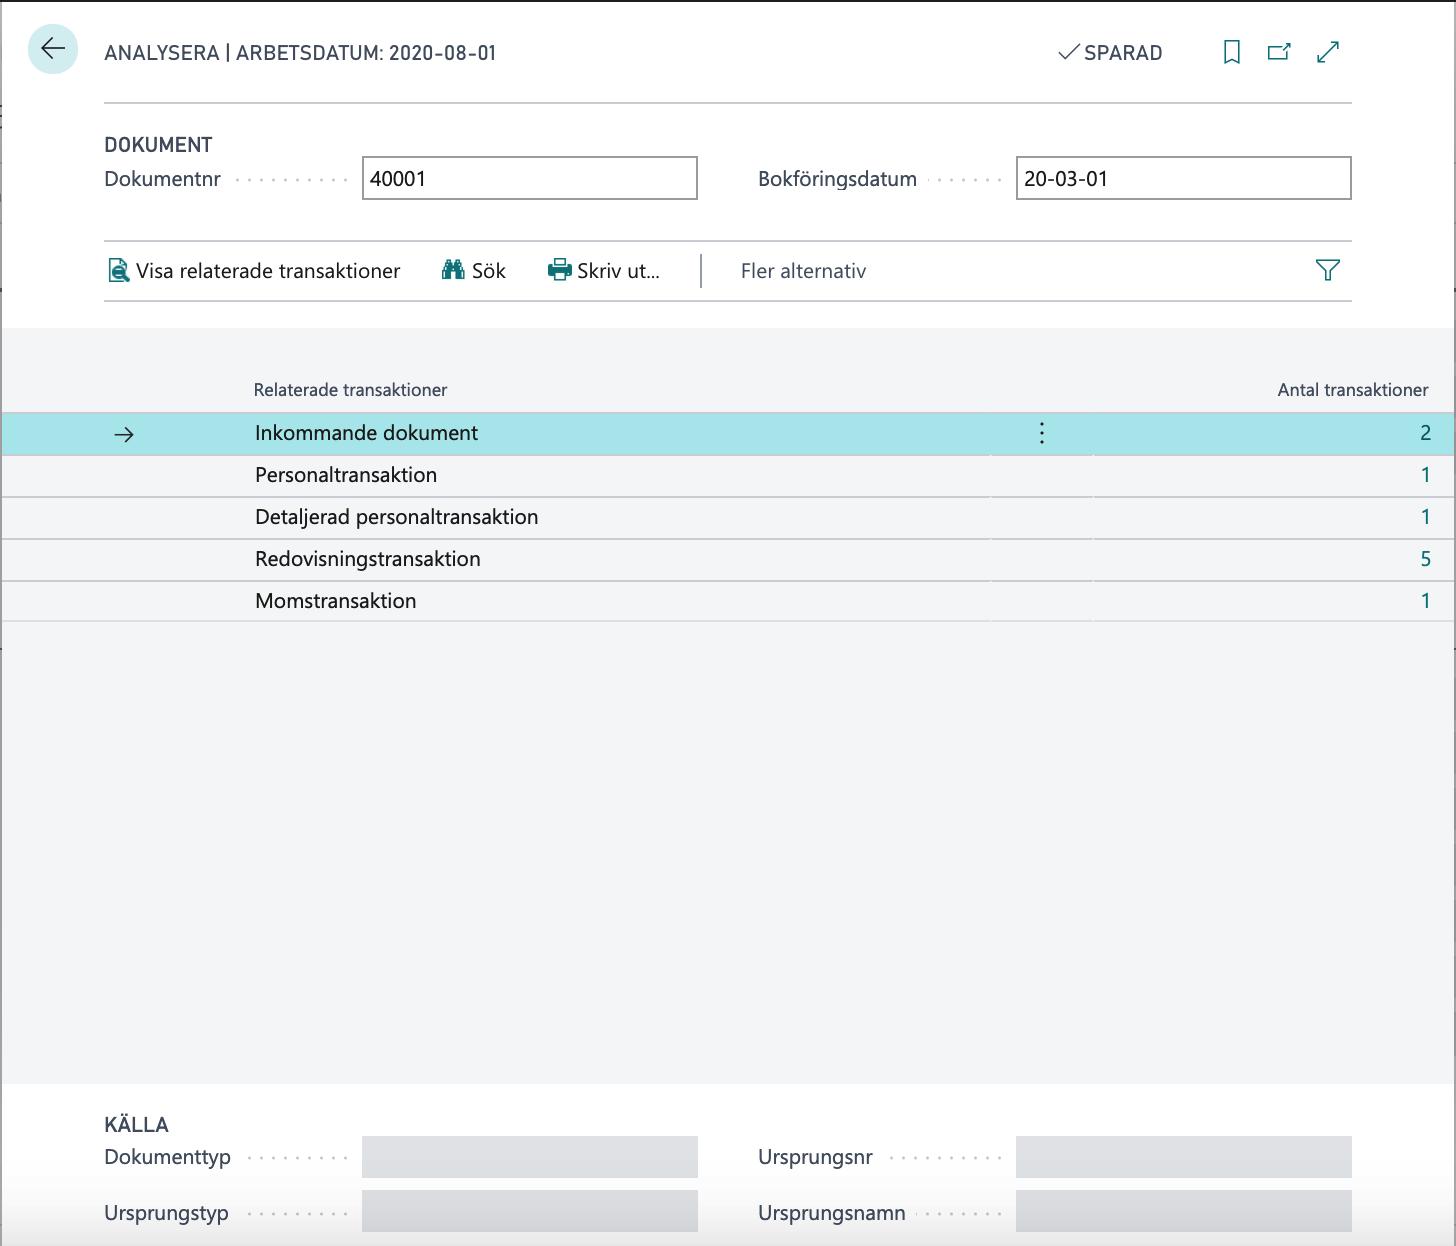 Analysera med koppling till Inkommande dokument i Dynamics 365 Business Central